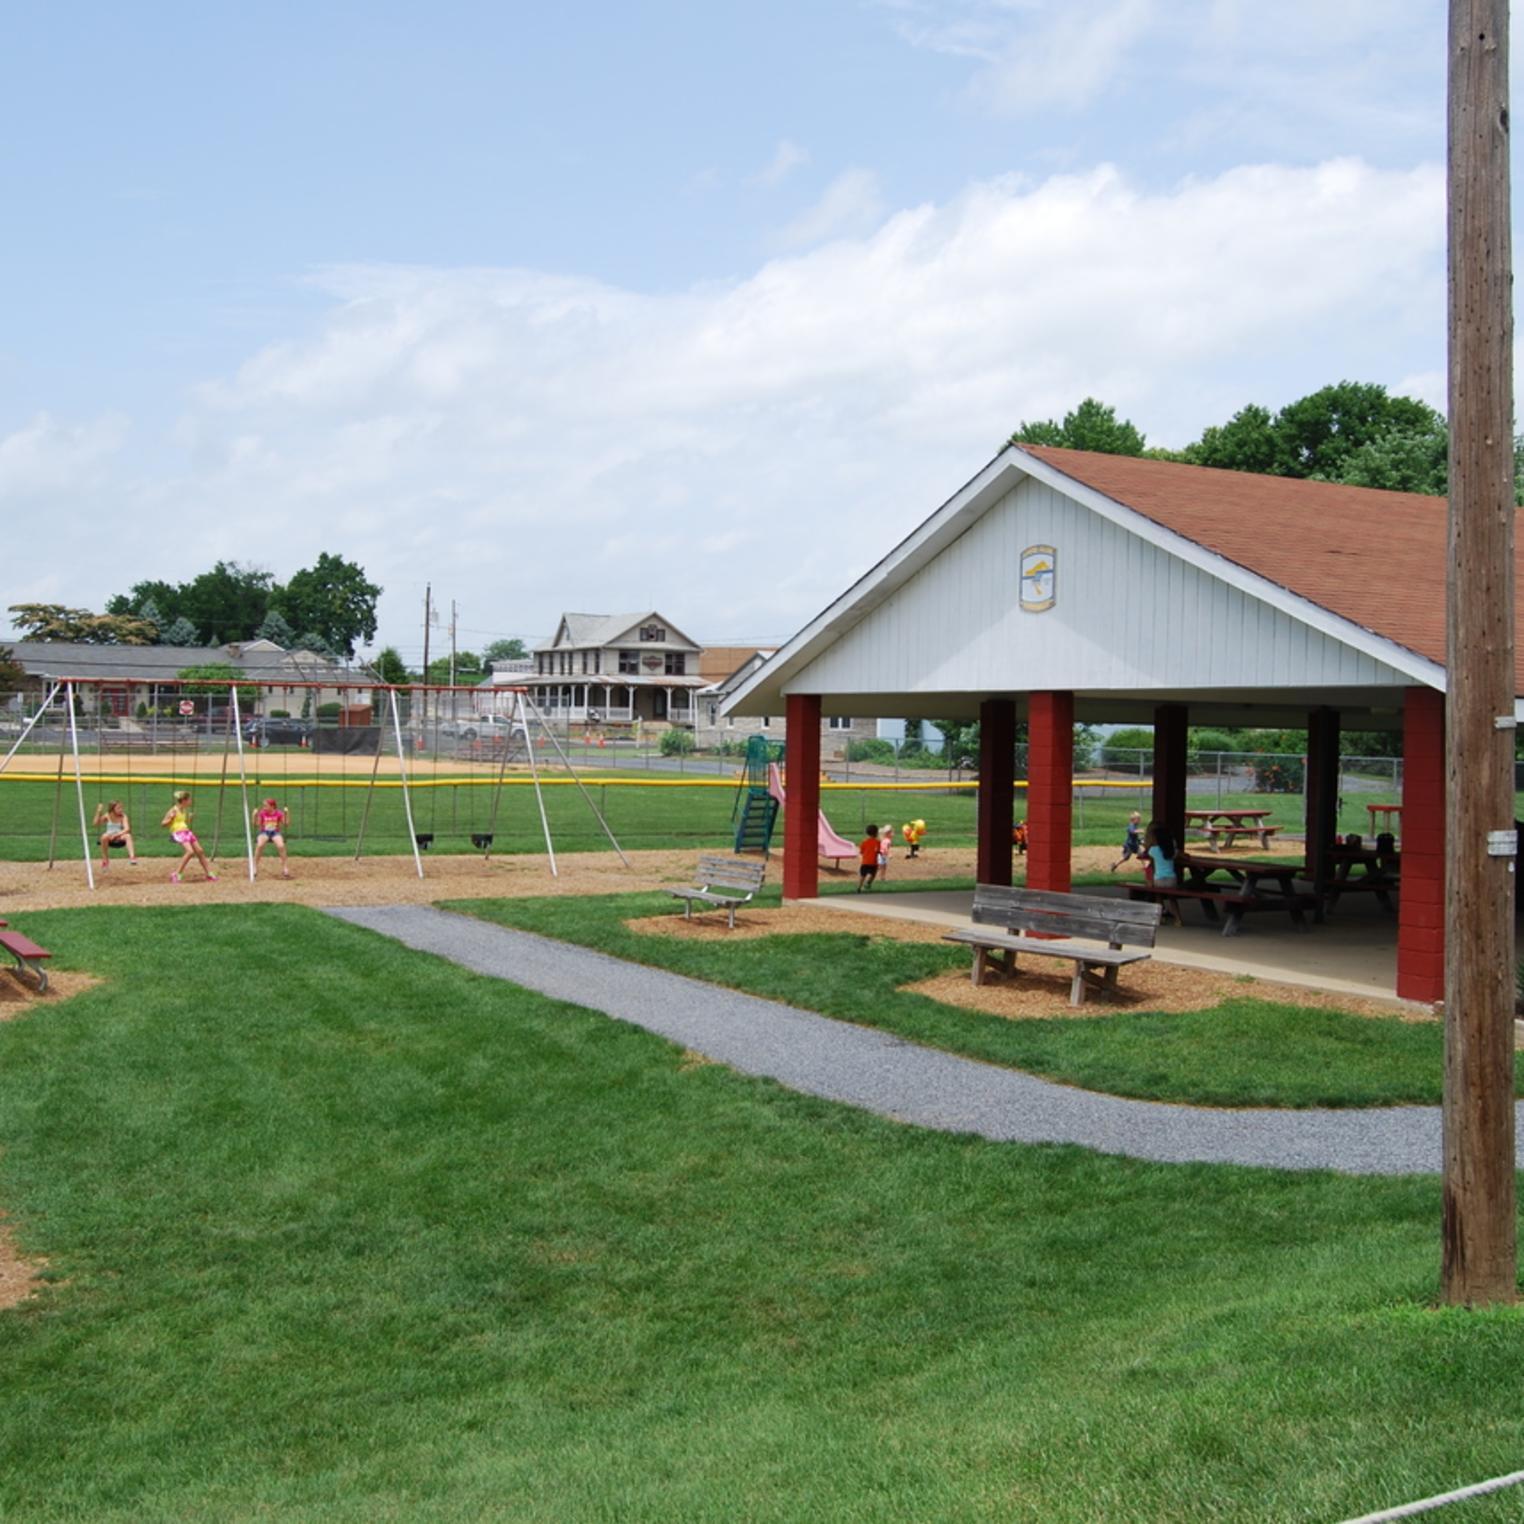 Peters Field Park